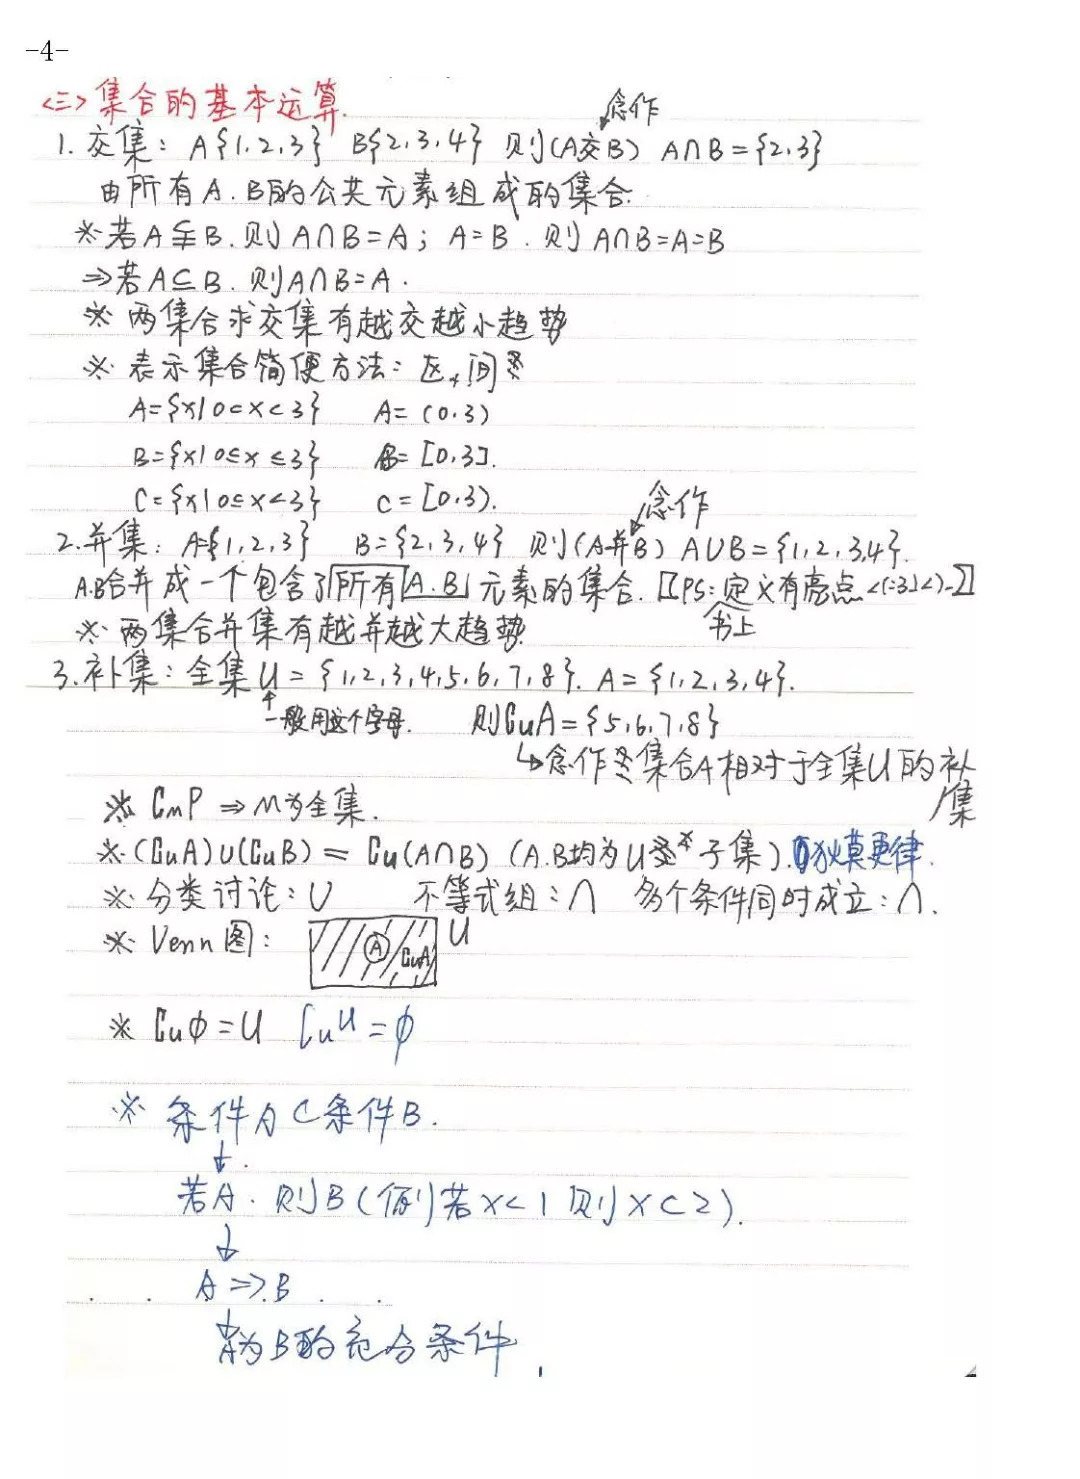 高考数学学霸手写笔记 扫描版